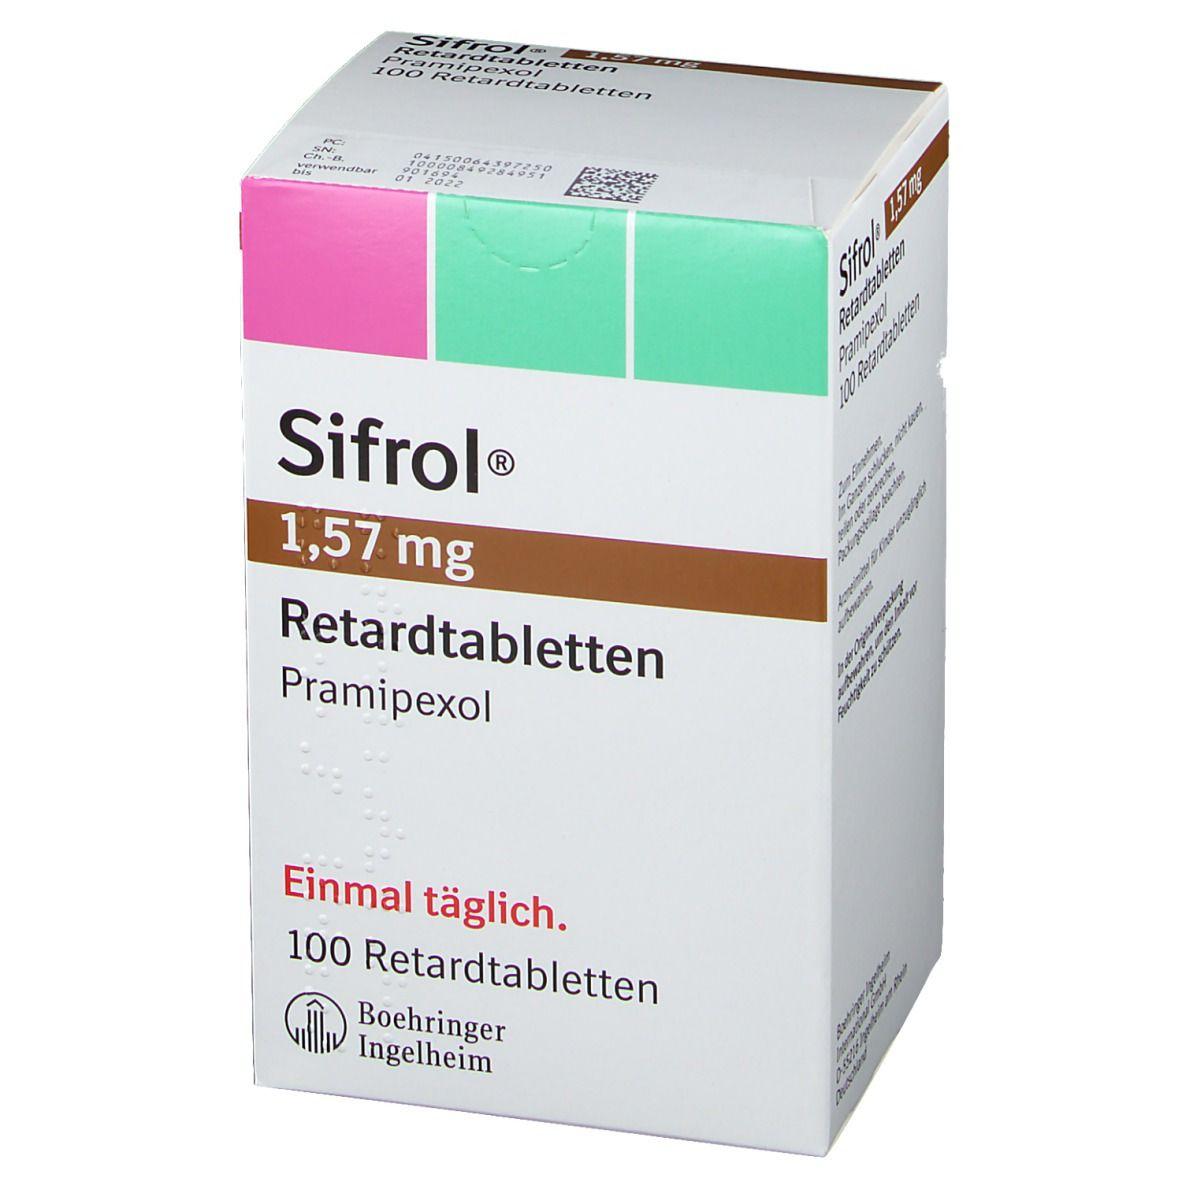 Sifrol 157 mg Retardtabletten 100 St - shop-apotheke.com